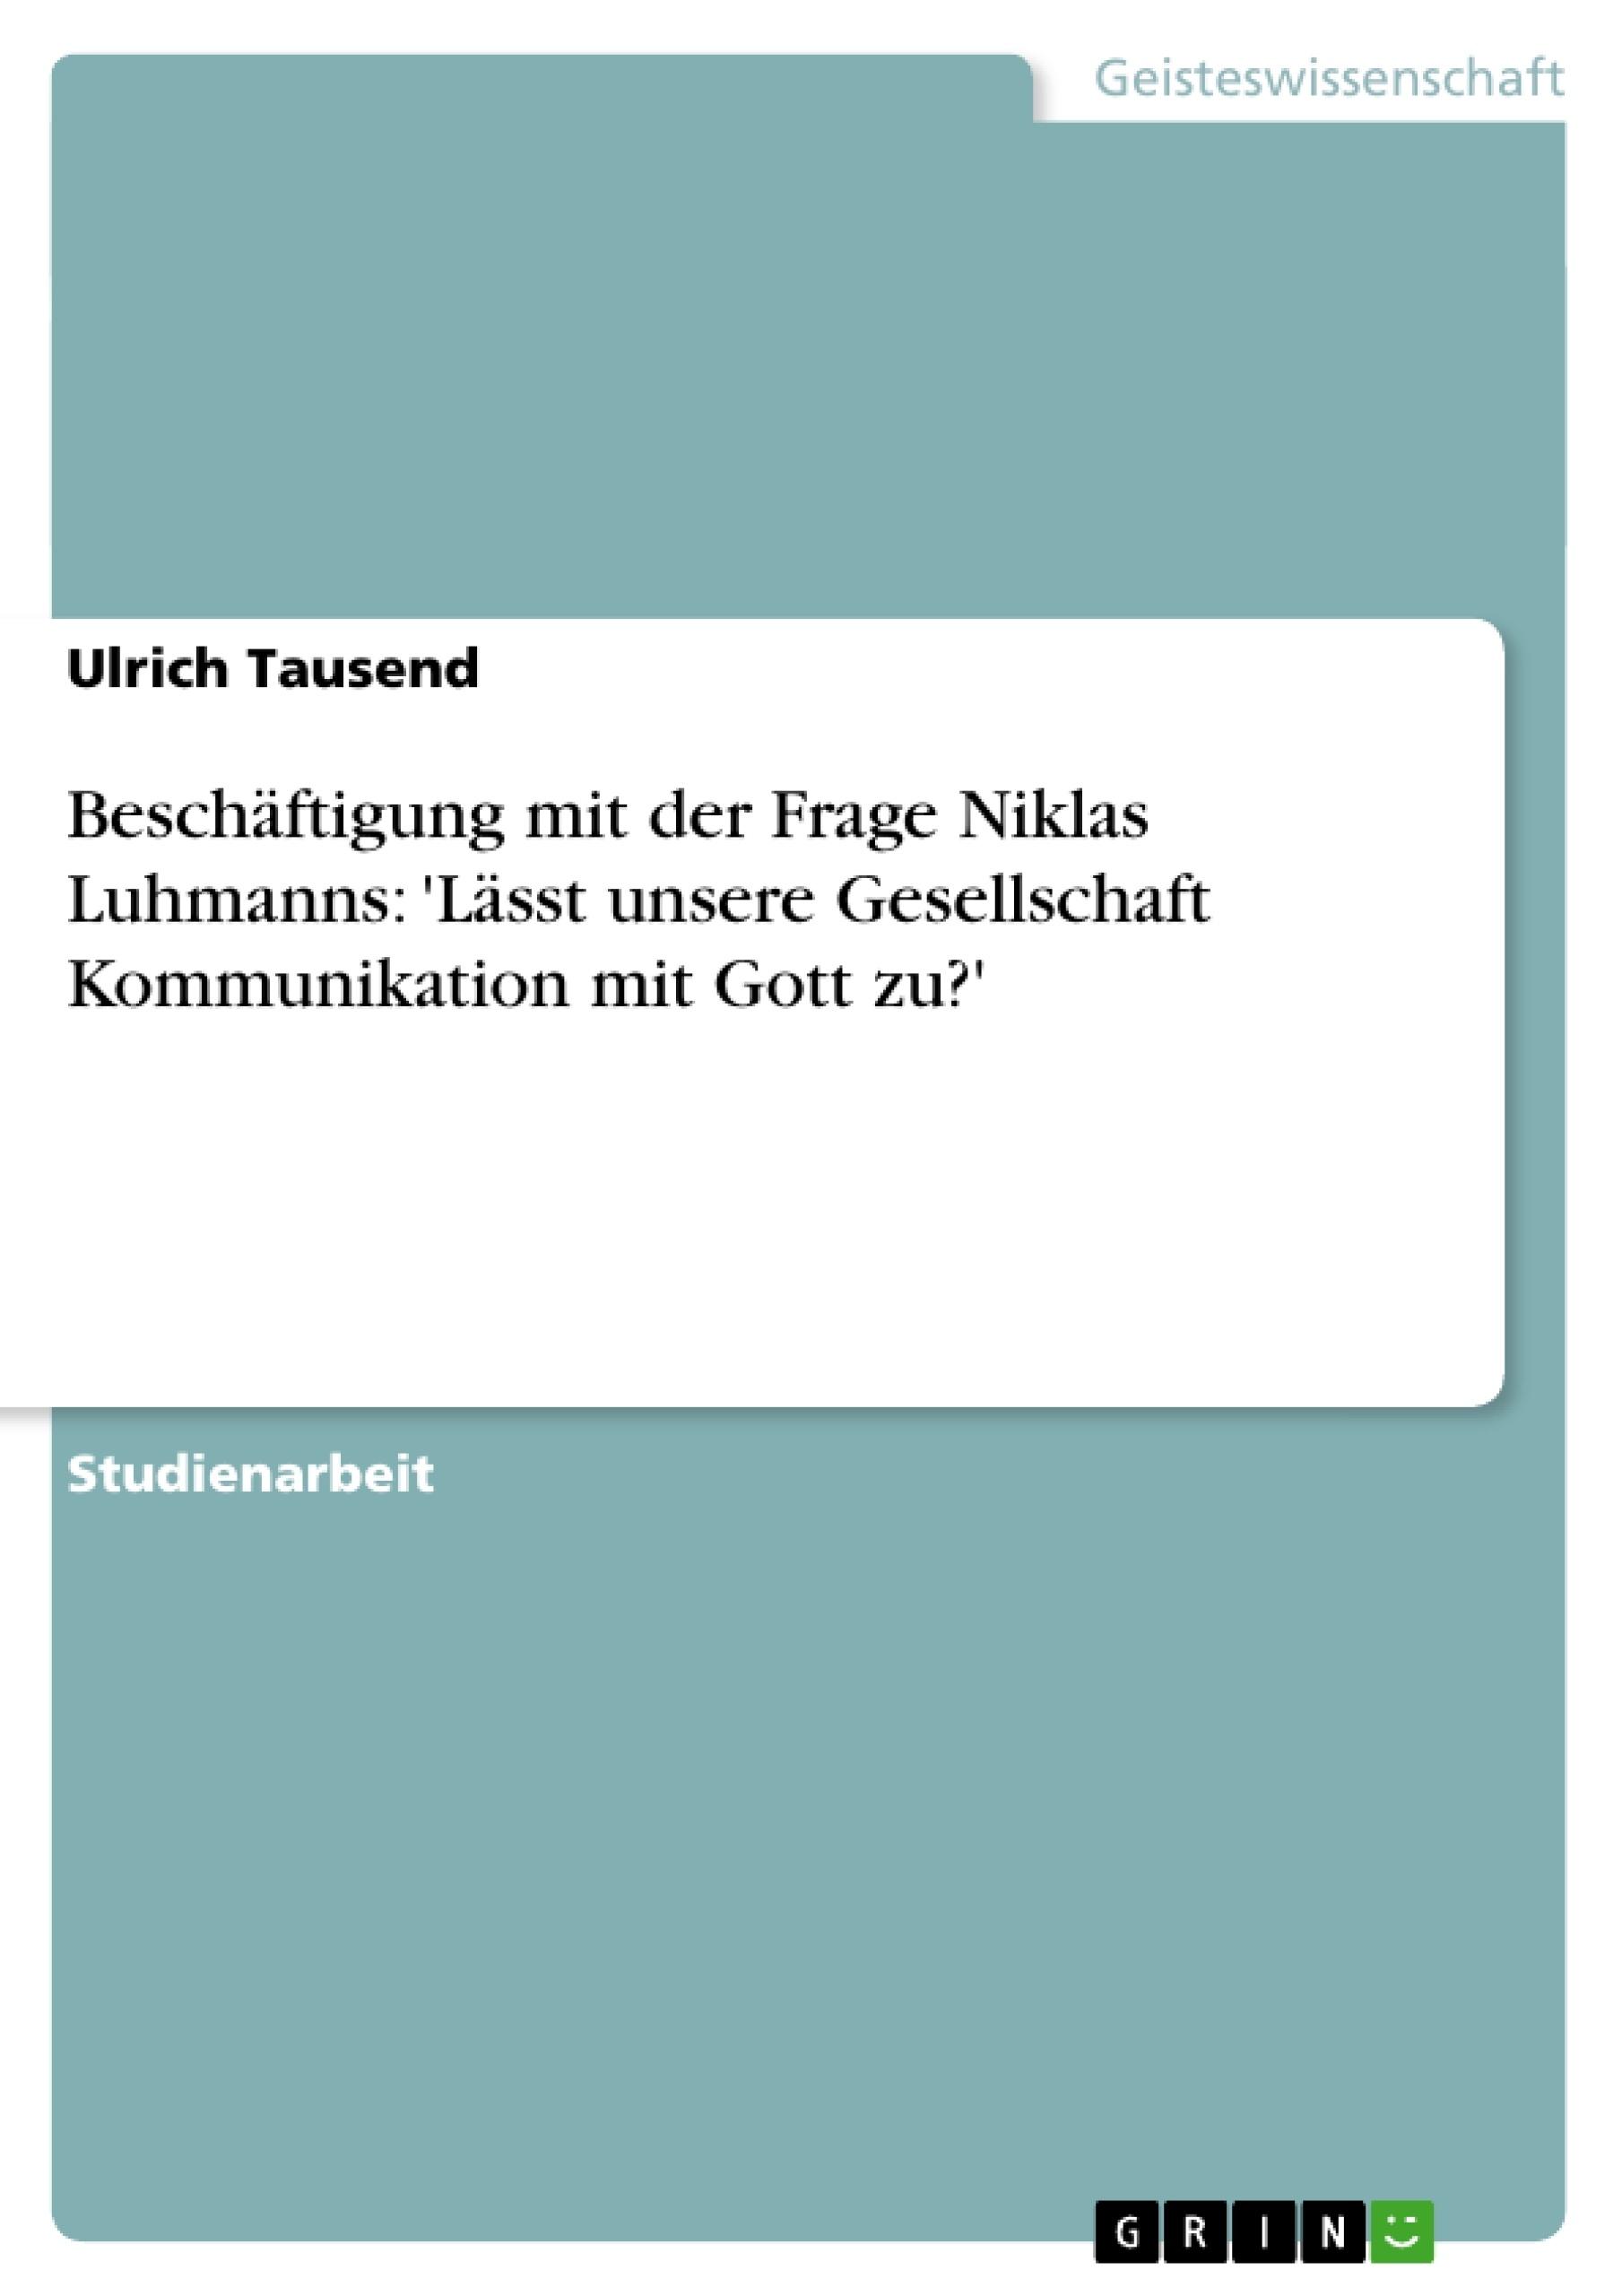 Titel: Beschäftigung mit der Frage Niklas Luhmanns: 'Lässt unsere Gesellschaft Kommunikation mit Gott zu?'